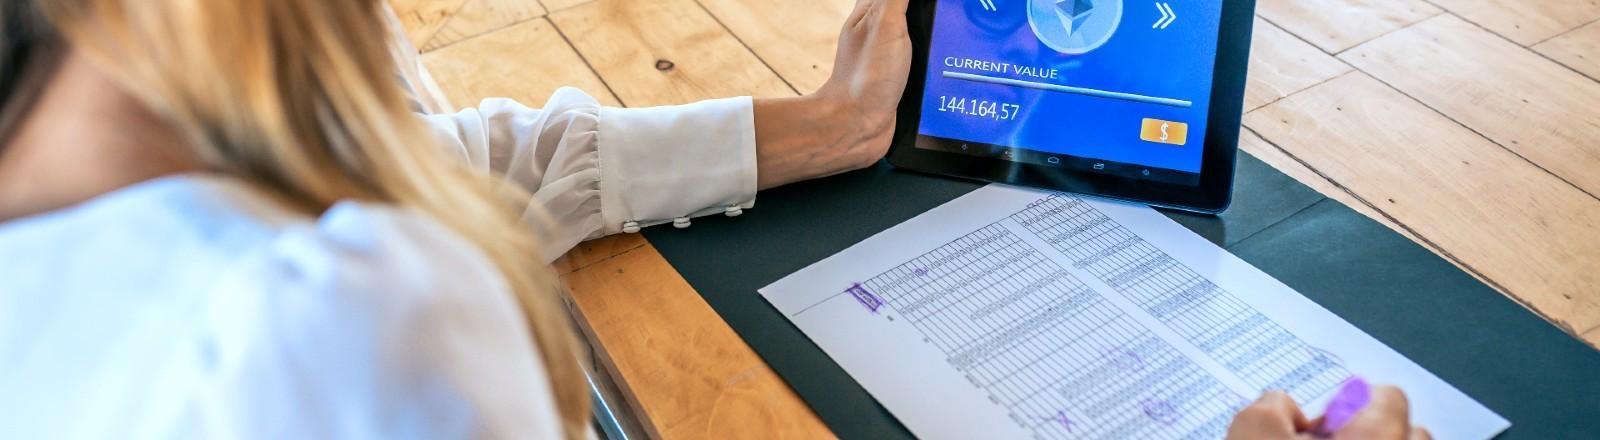 Junge Frau checkt Aktienkurse auf einem Tablet und notiert die Daten in eine Tabelle.